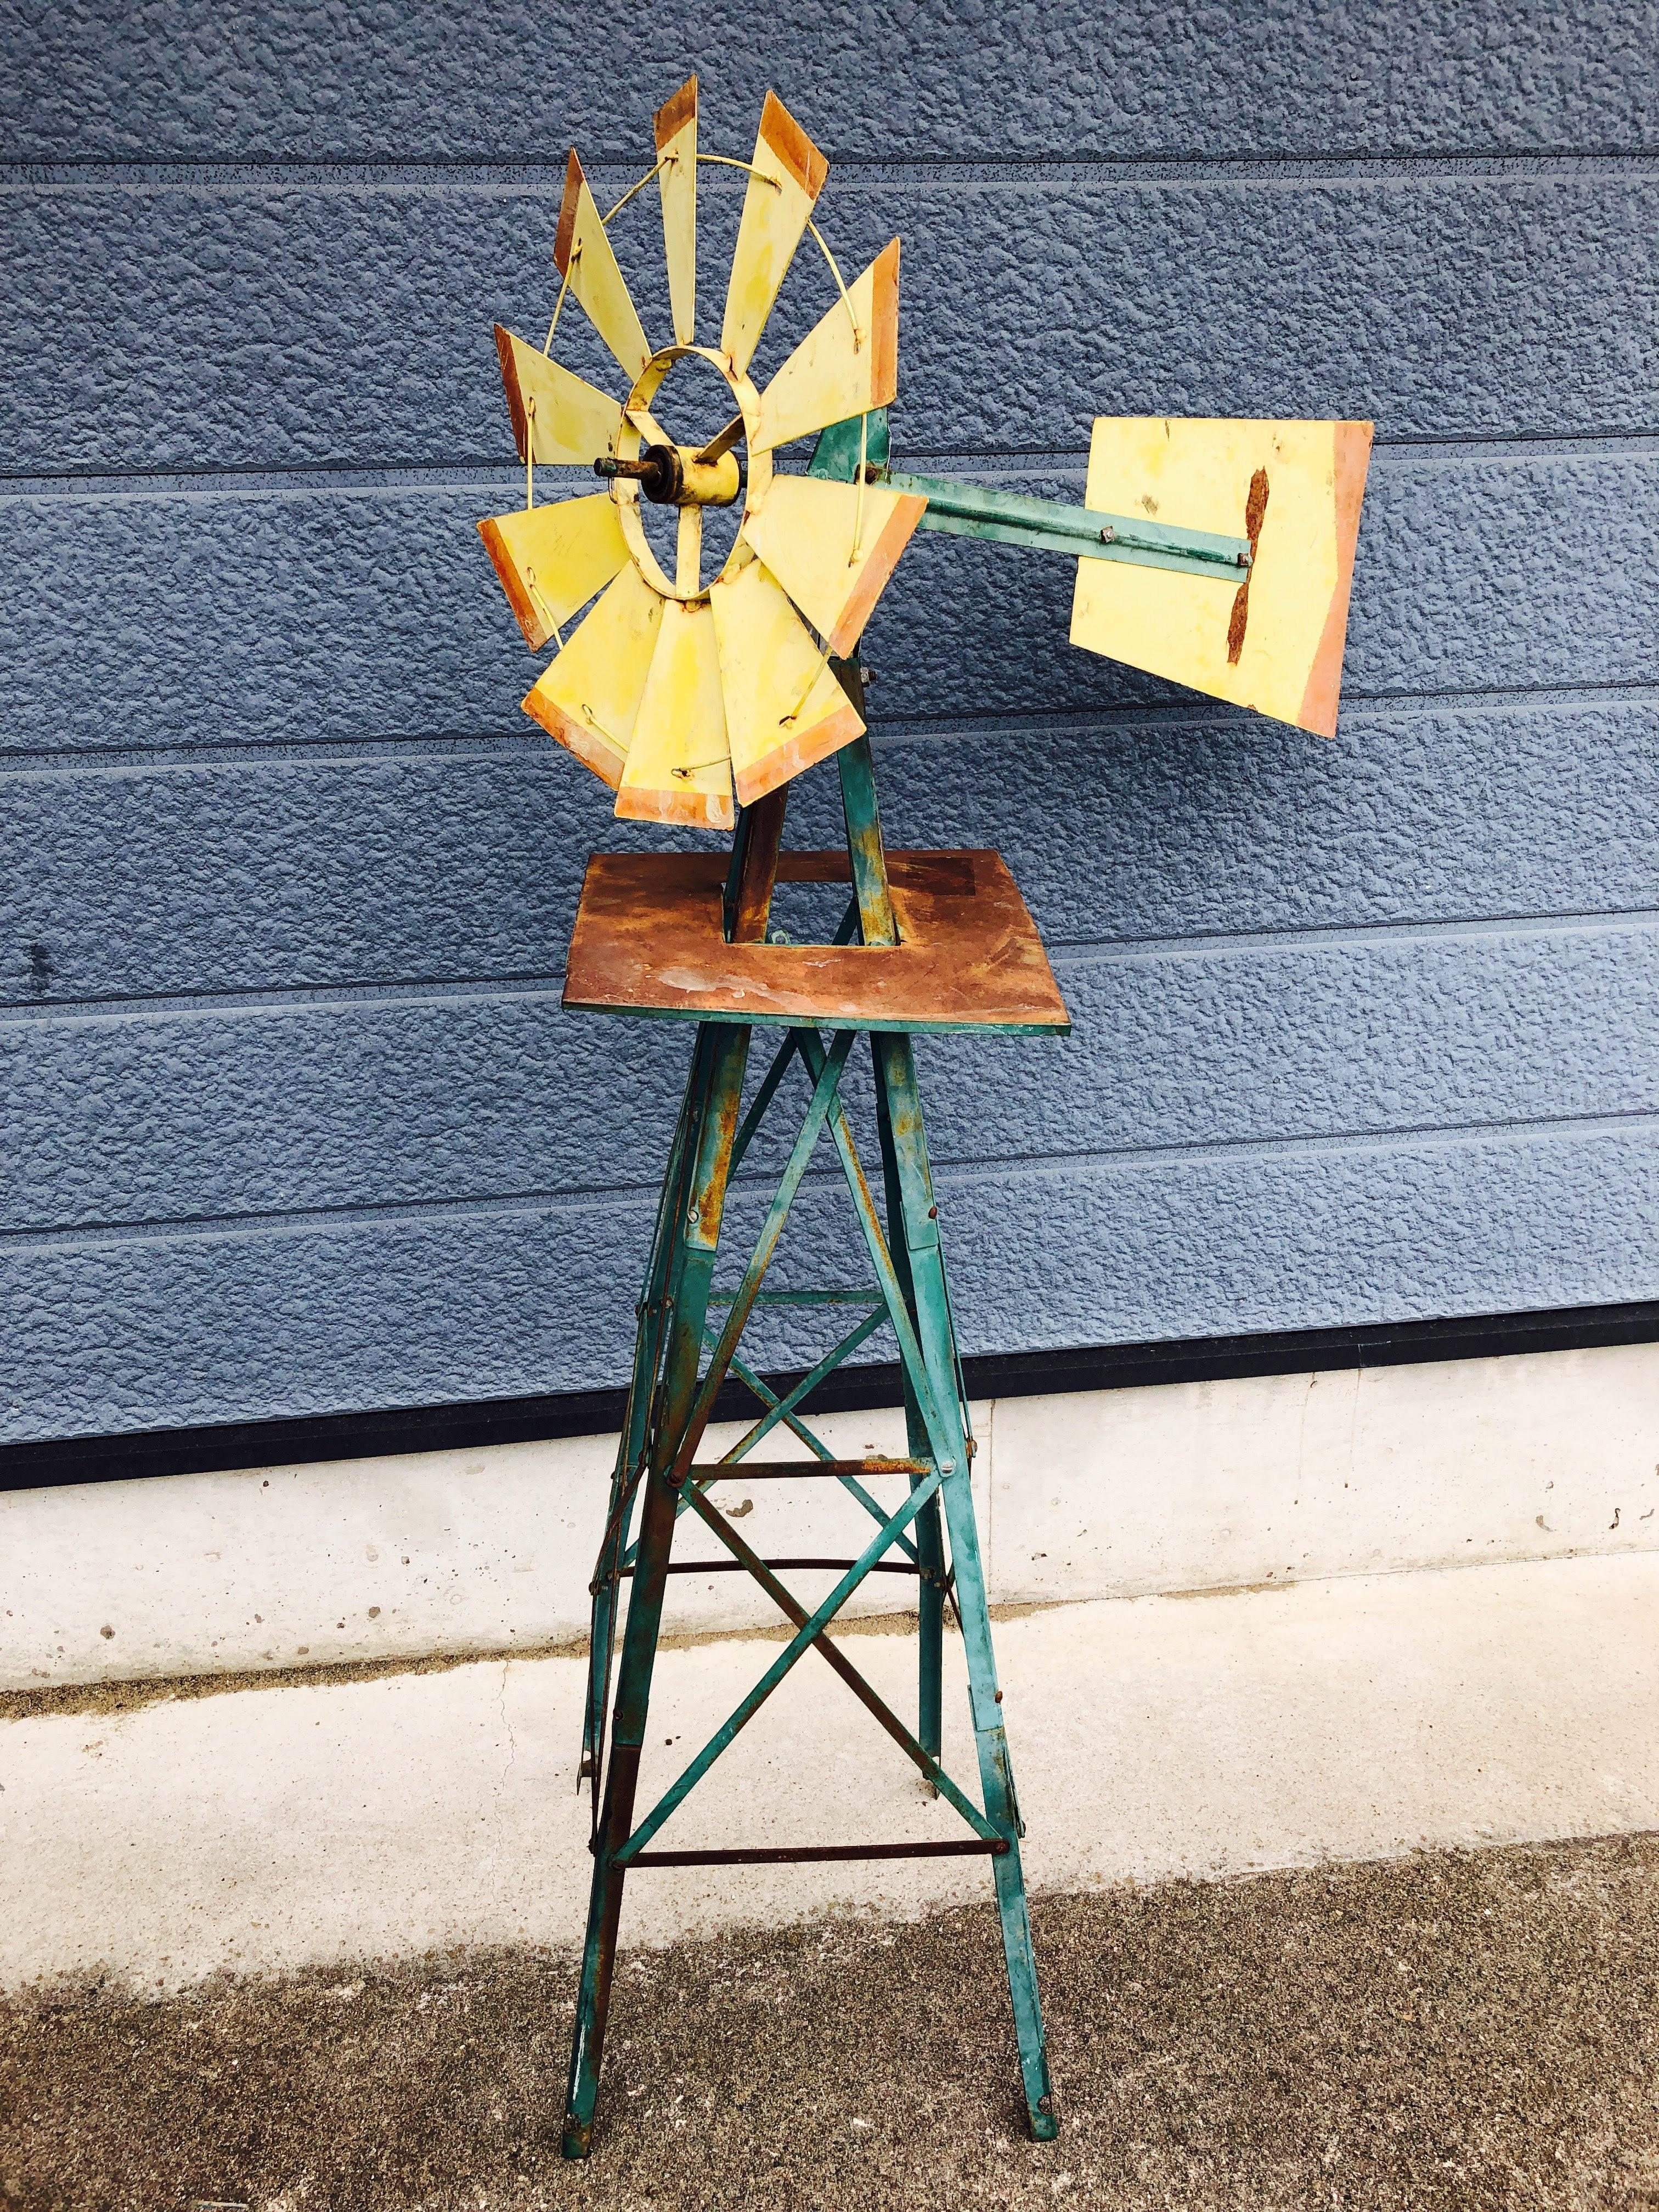 品番2253 風車 イエロー Windmill スタンド インテリア ヴィンテージ